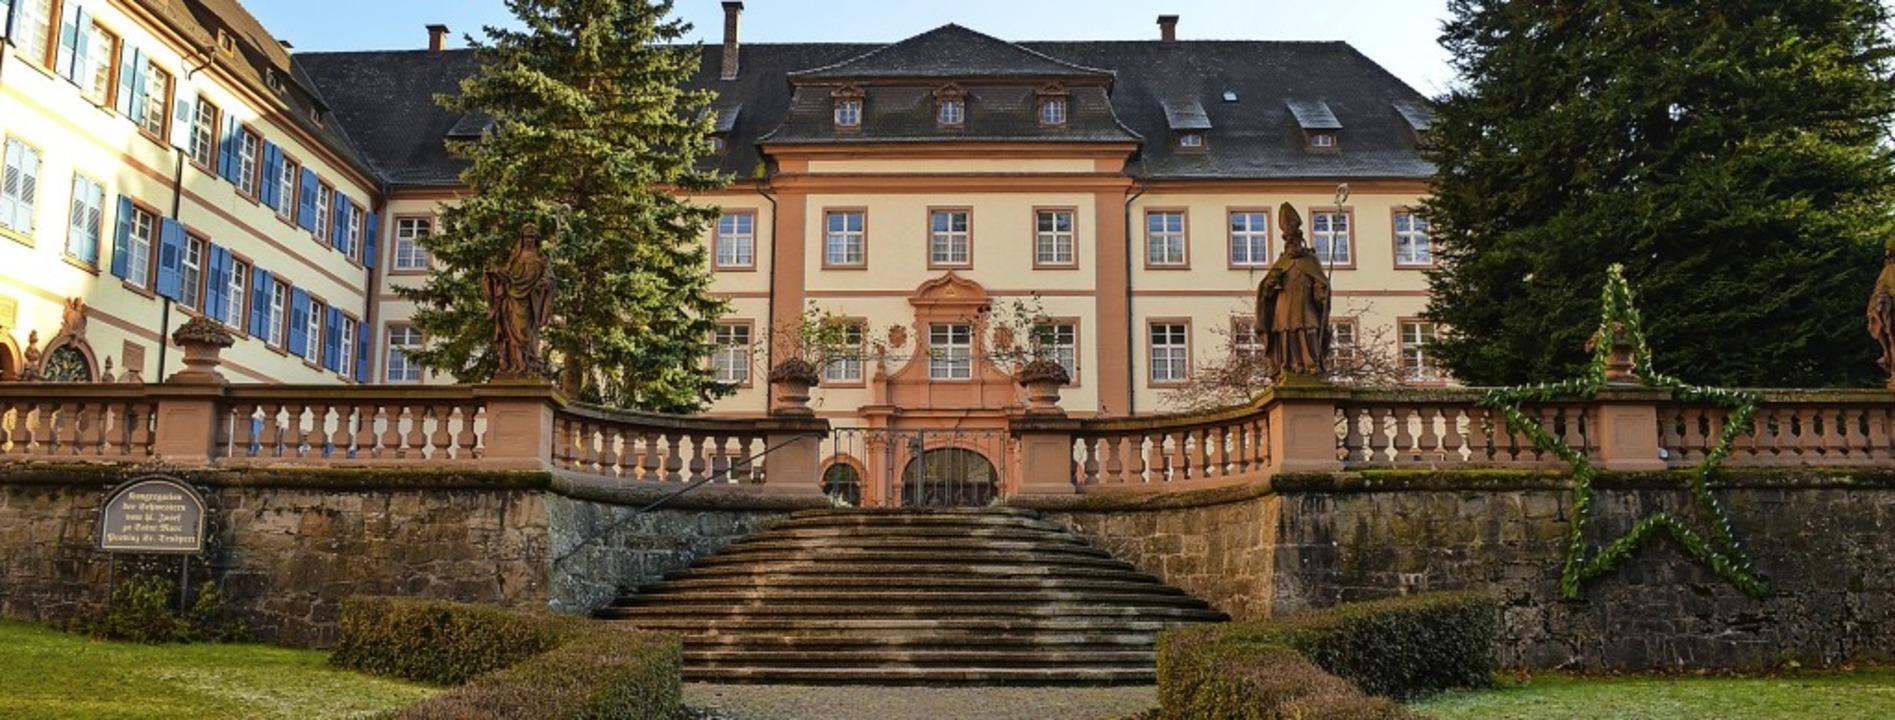 Ortsbildprägend fürs Münstertal: Das K...stern vom Heiligen Josef bewohnt wird.  | Foto: Gabriele Hennicke